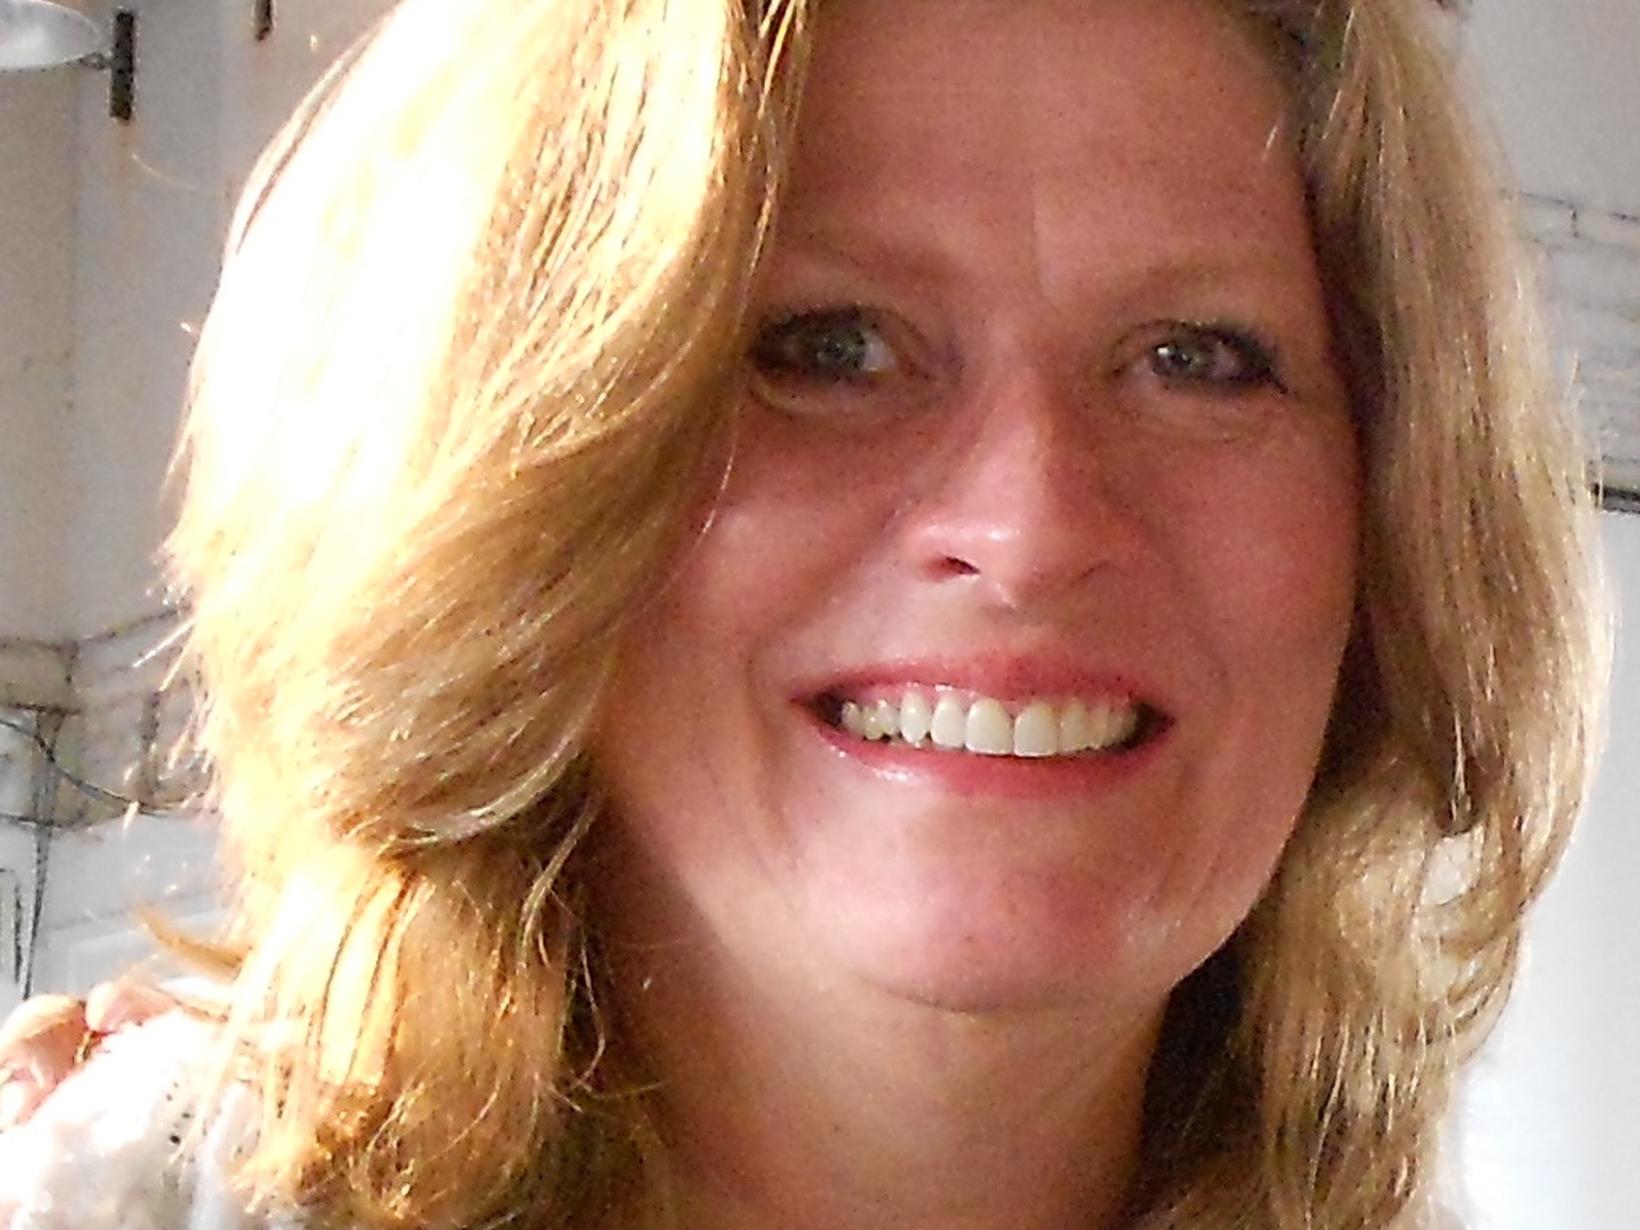 Vicky from Santa Maria, California, United States